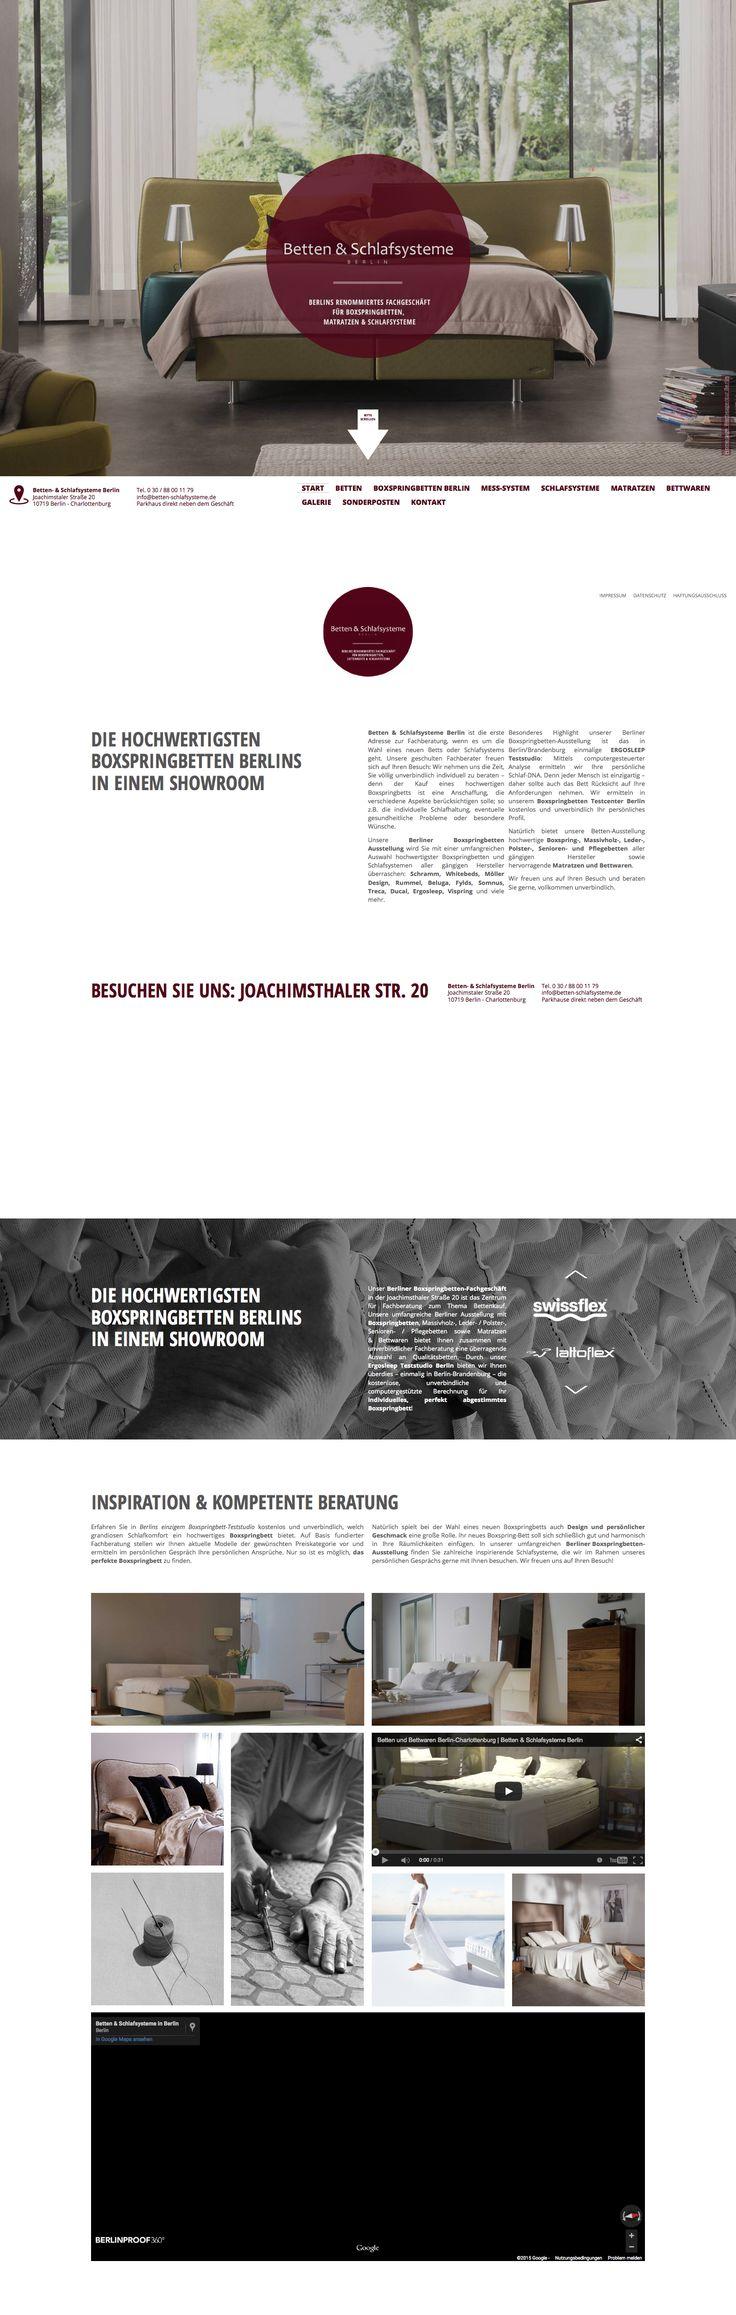 Betten & Schlafsysteme Berlin Boxspringcenter Website erstellt von Netgenerator Werbeagentur Berlin https://www.netgenerator.de/de/referenzen-kunden-und-projekte/webdesign-beispiel-moebel-einrichtung/betten-schlafsysteme-berlin-wordpress.html